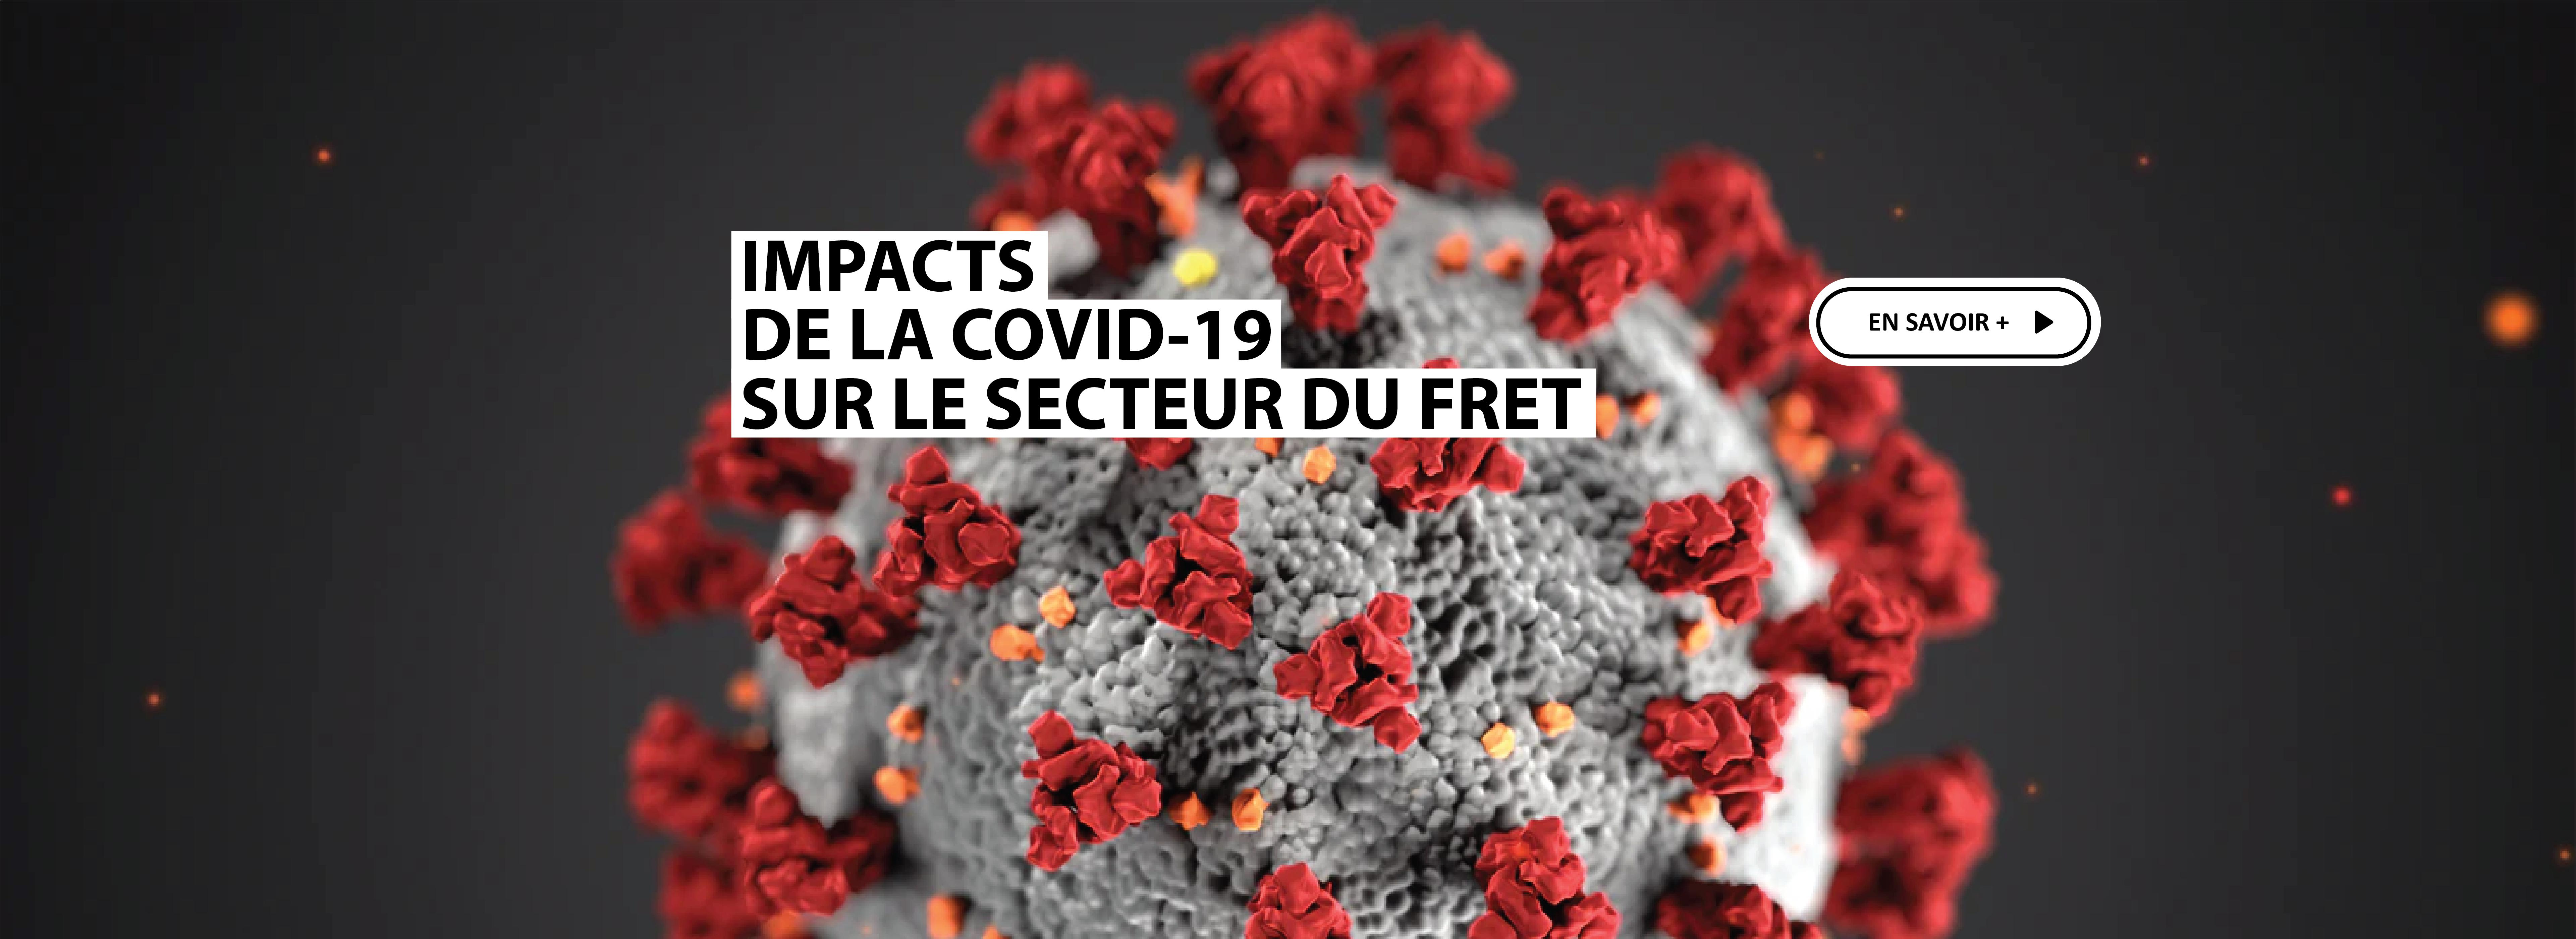 Mise à jour des impacts de la COVID-19 sur le secteur du fret